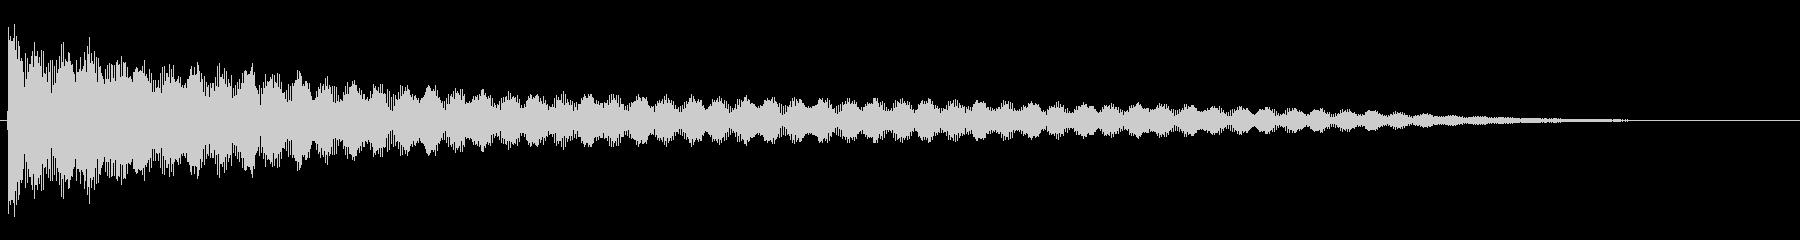 ラージゴング:ソフトヒットの未再生の波形